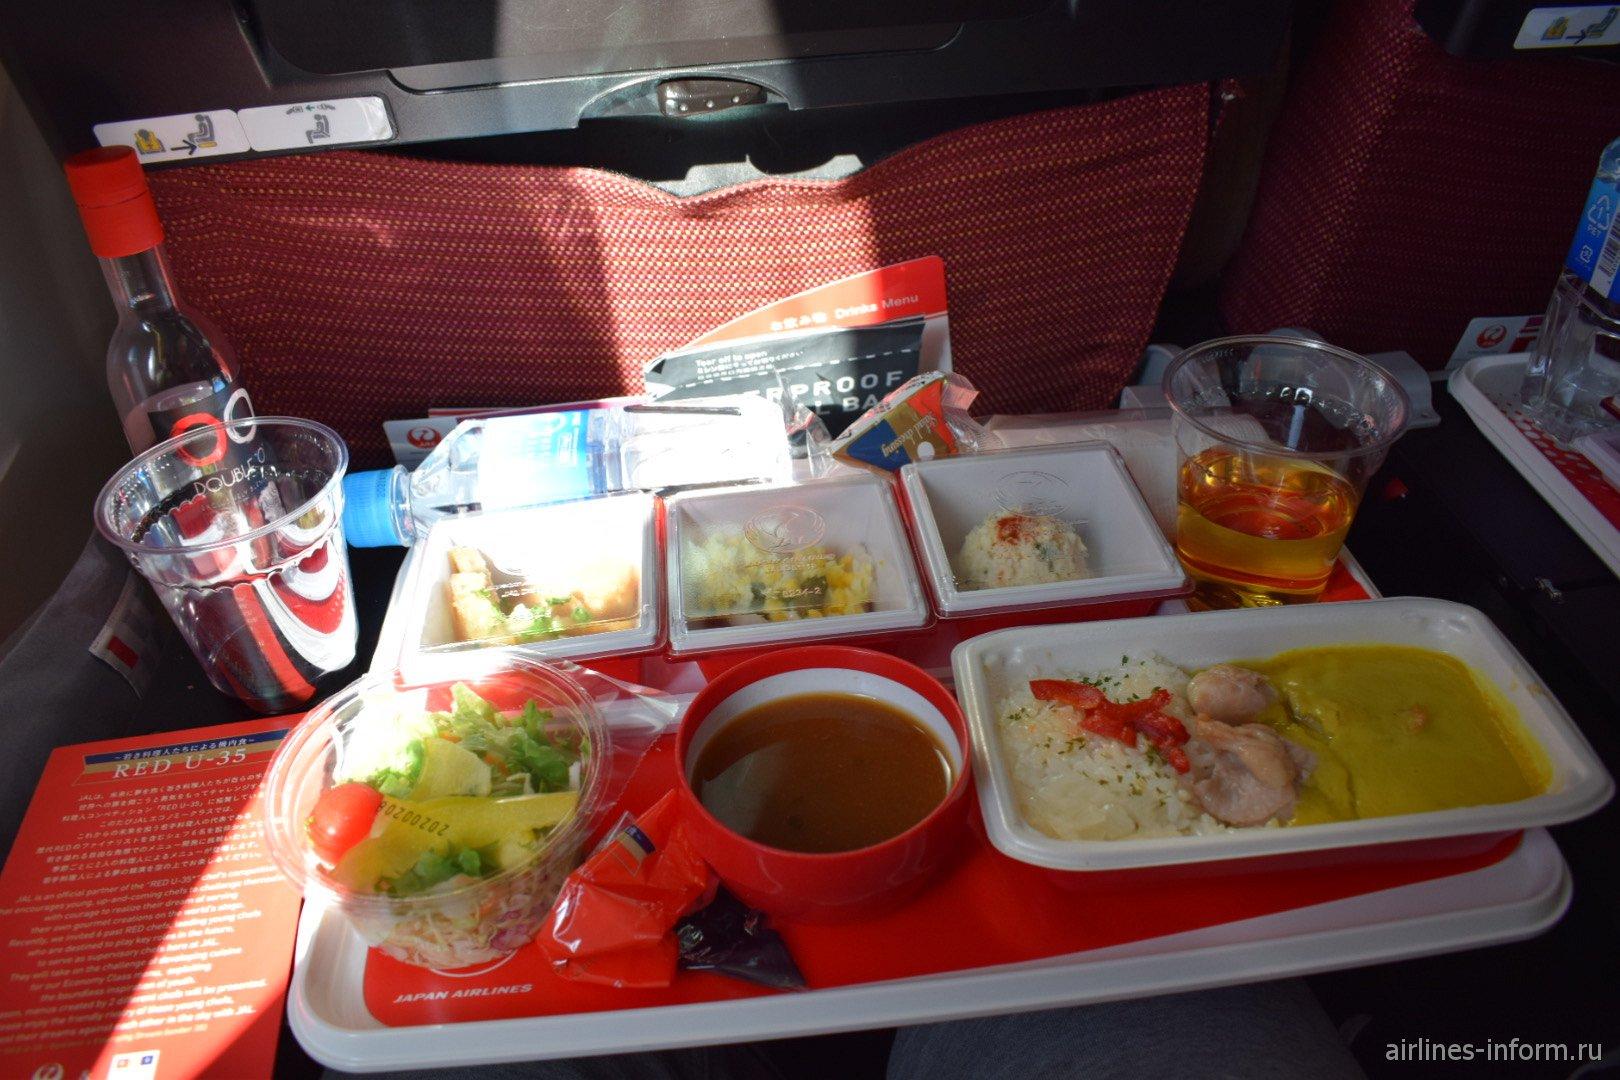 Бортовое питание пассажира эконом-класса на рейсе Токио-Москва японской авиакомпании JAL